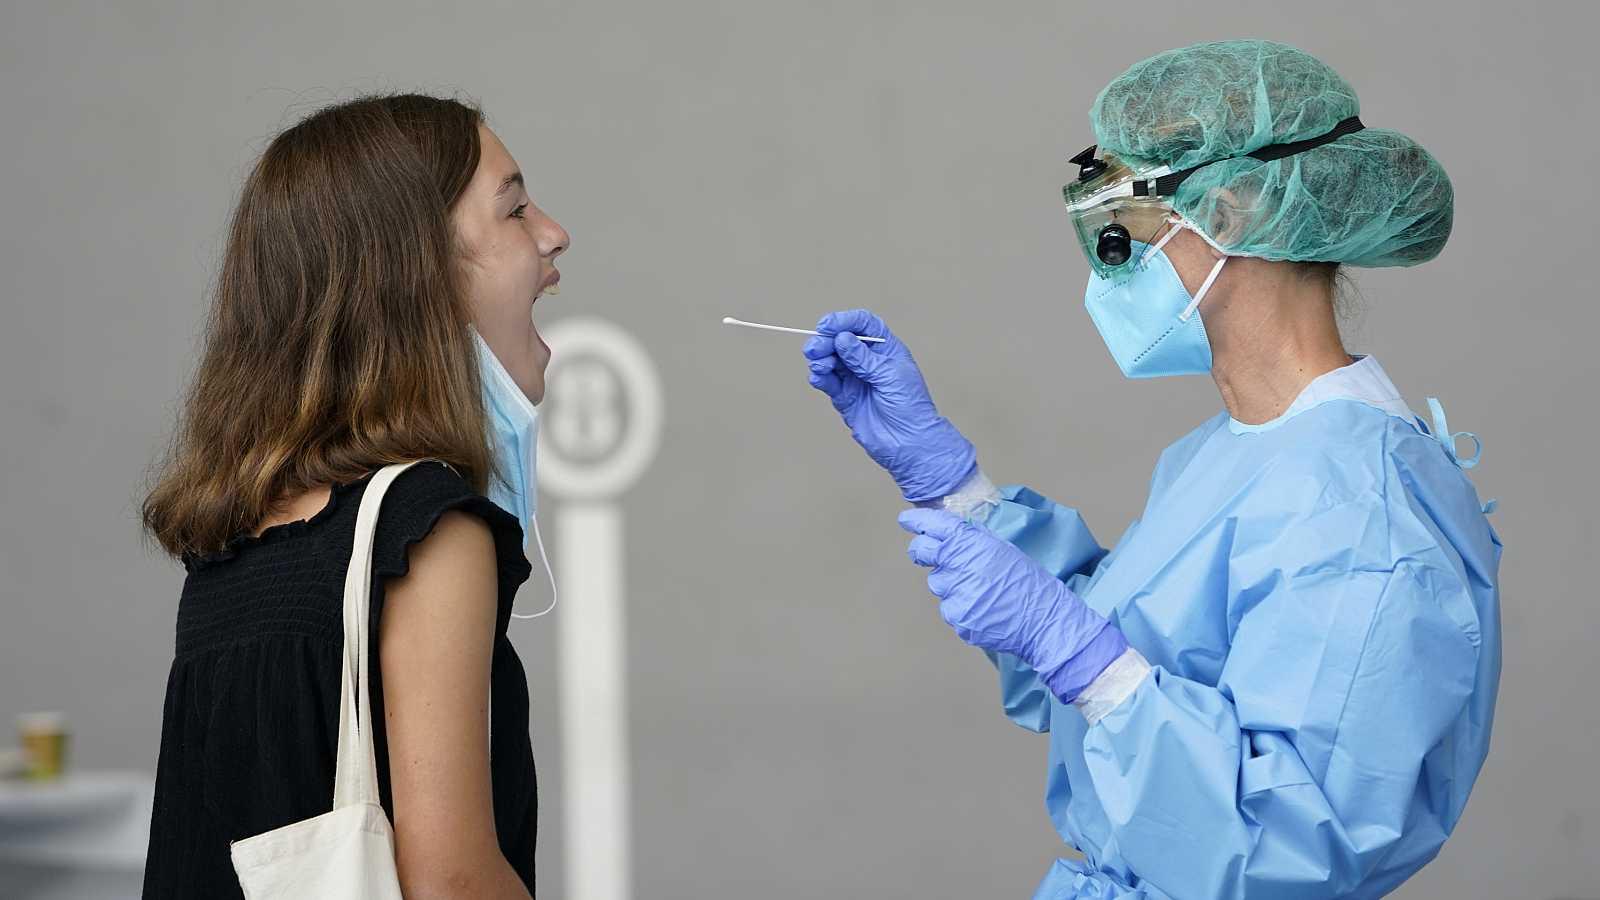 Una trabajadora sanitaria obtiene una muestra de una mujer para someterla a una prueba PCR.